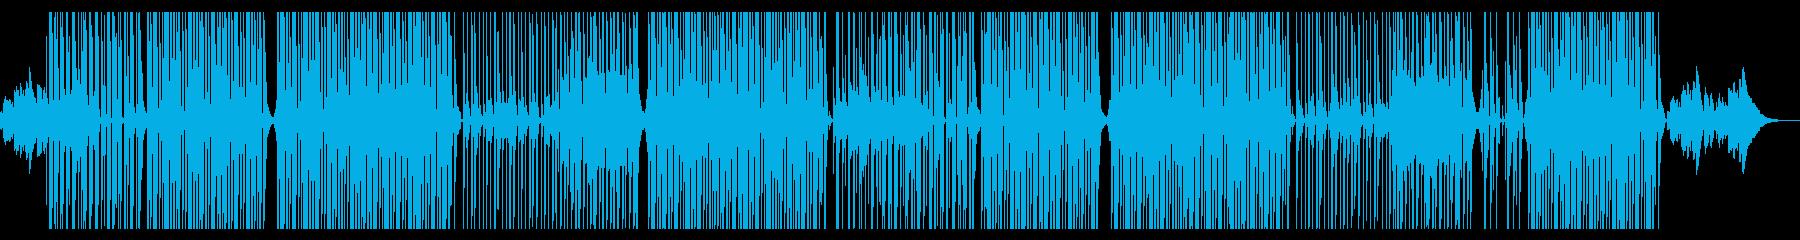 レゲエ スカし ドラマチック 美し...の再生済みの波形